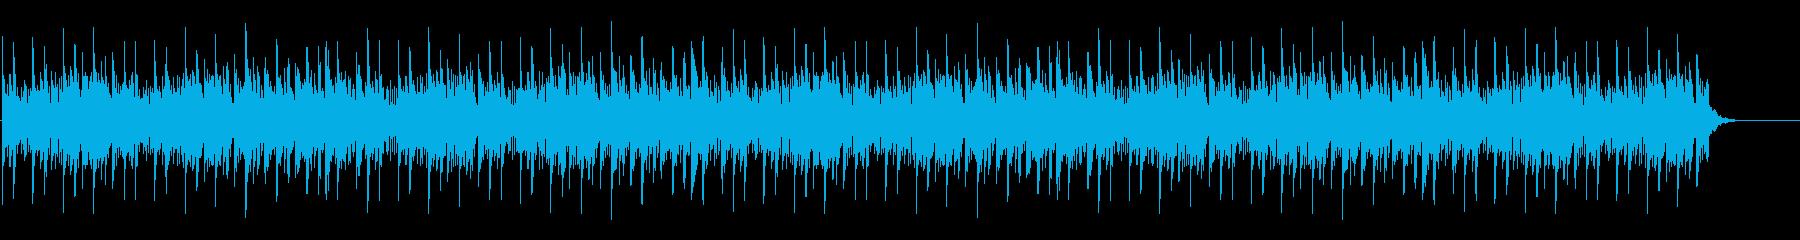 ドキュメンタリーなどの映像用BGMの再生済みの波形